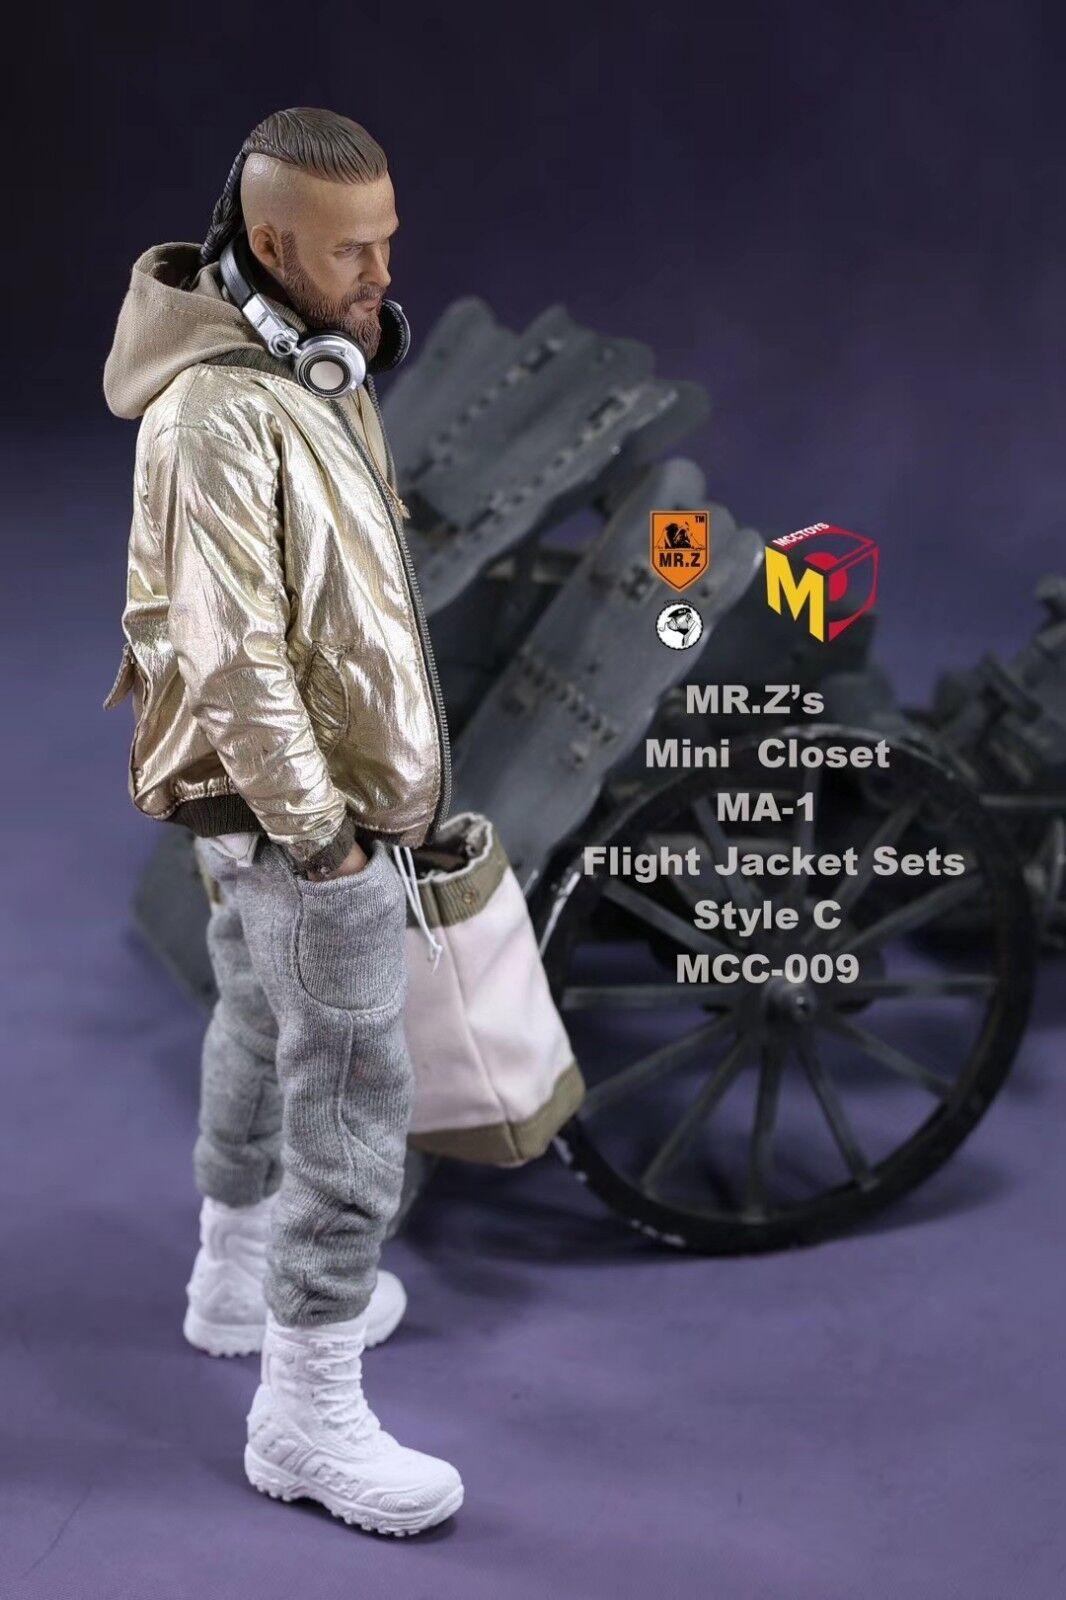 Mcctoys M. Z 1 6 MCC009 Veste Chemise Pantalon Veste De Vol Jouet Figure modèle